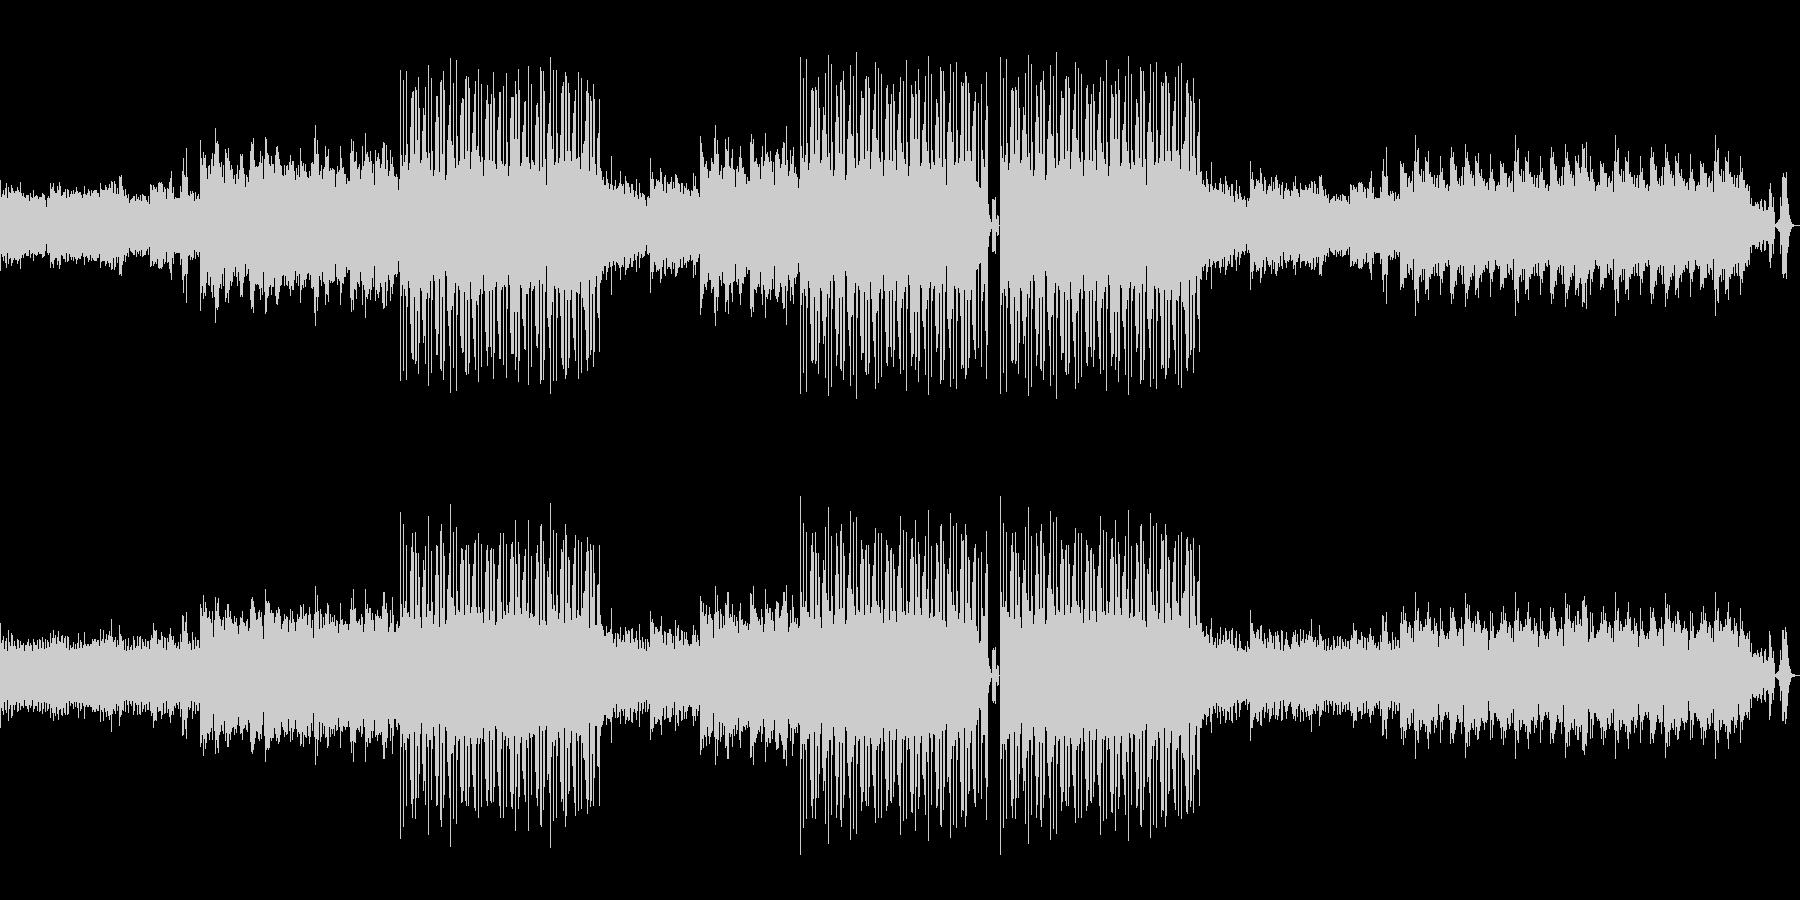 オシャレなラウンジBGMの未再生の波形